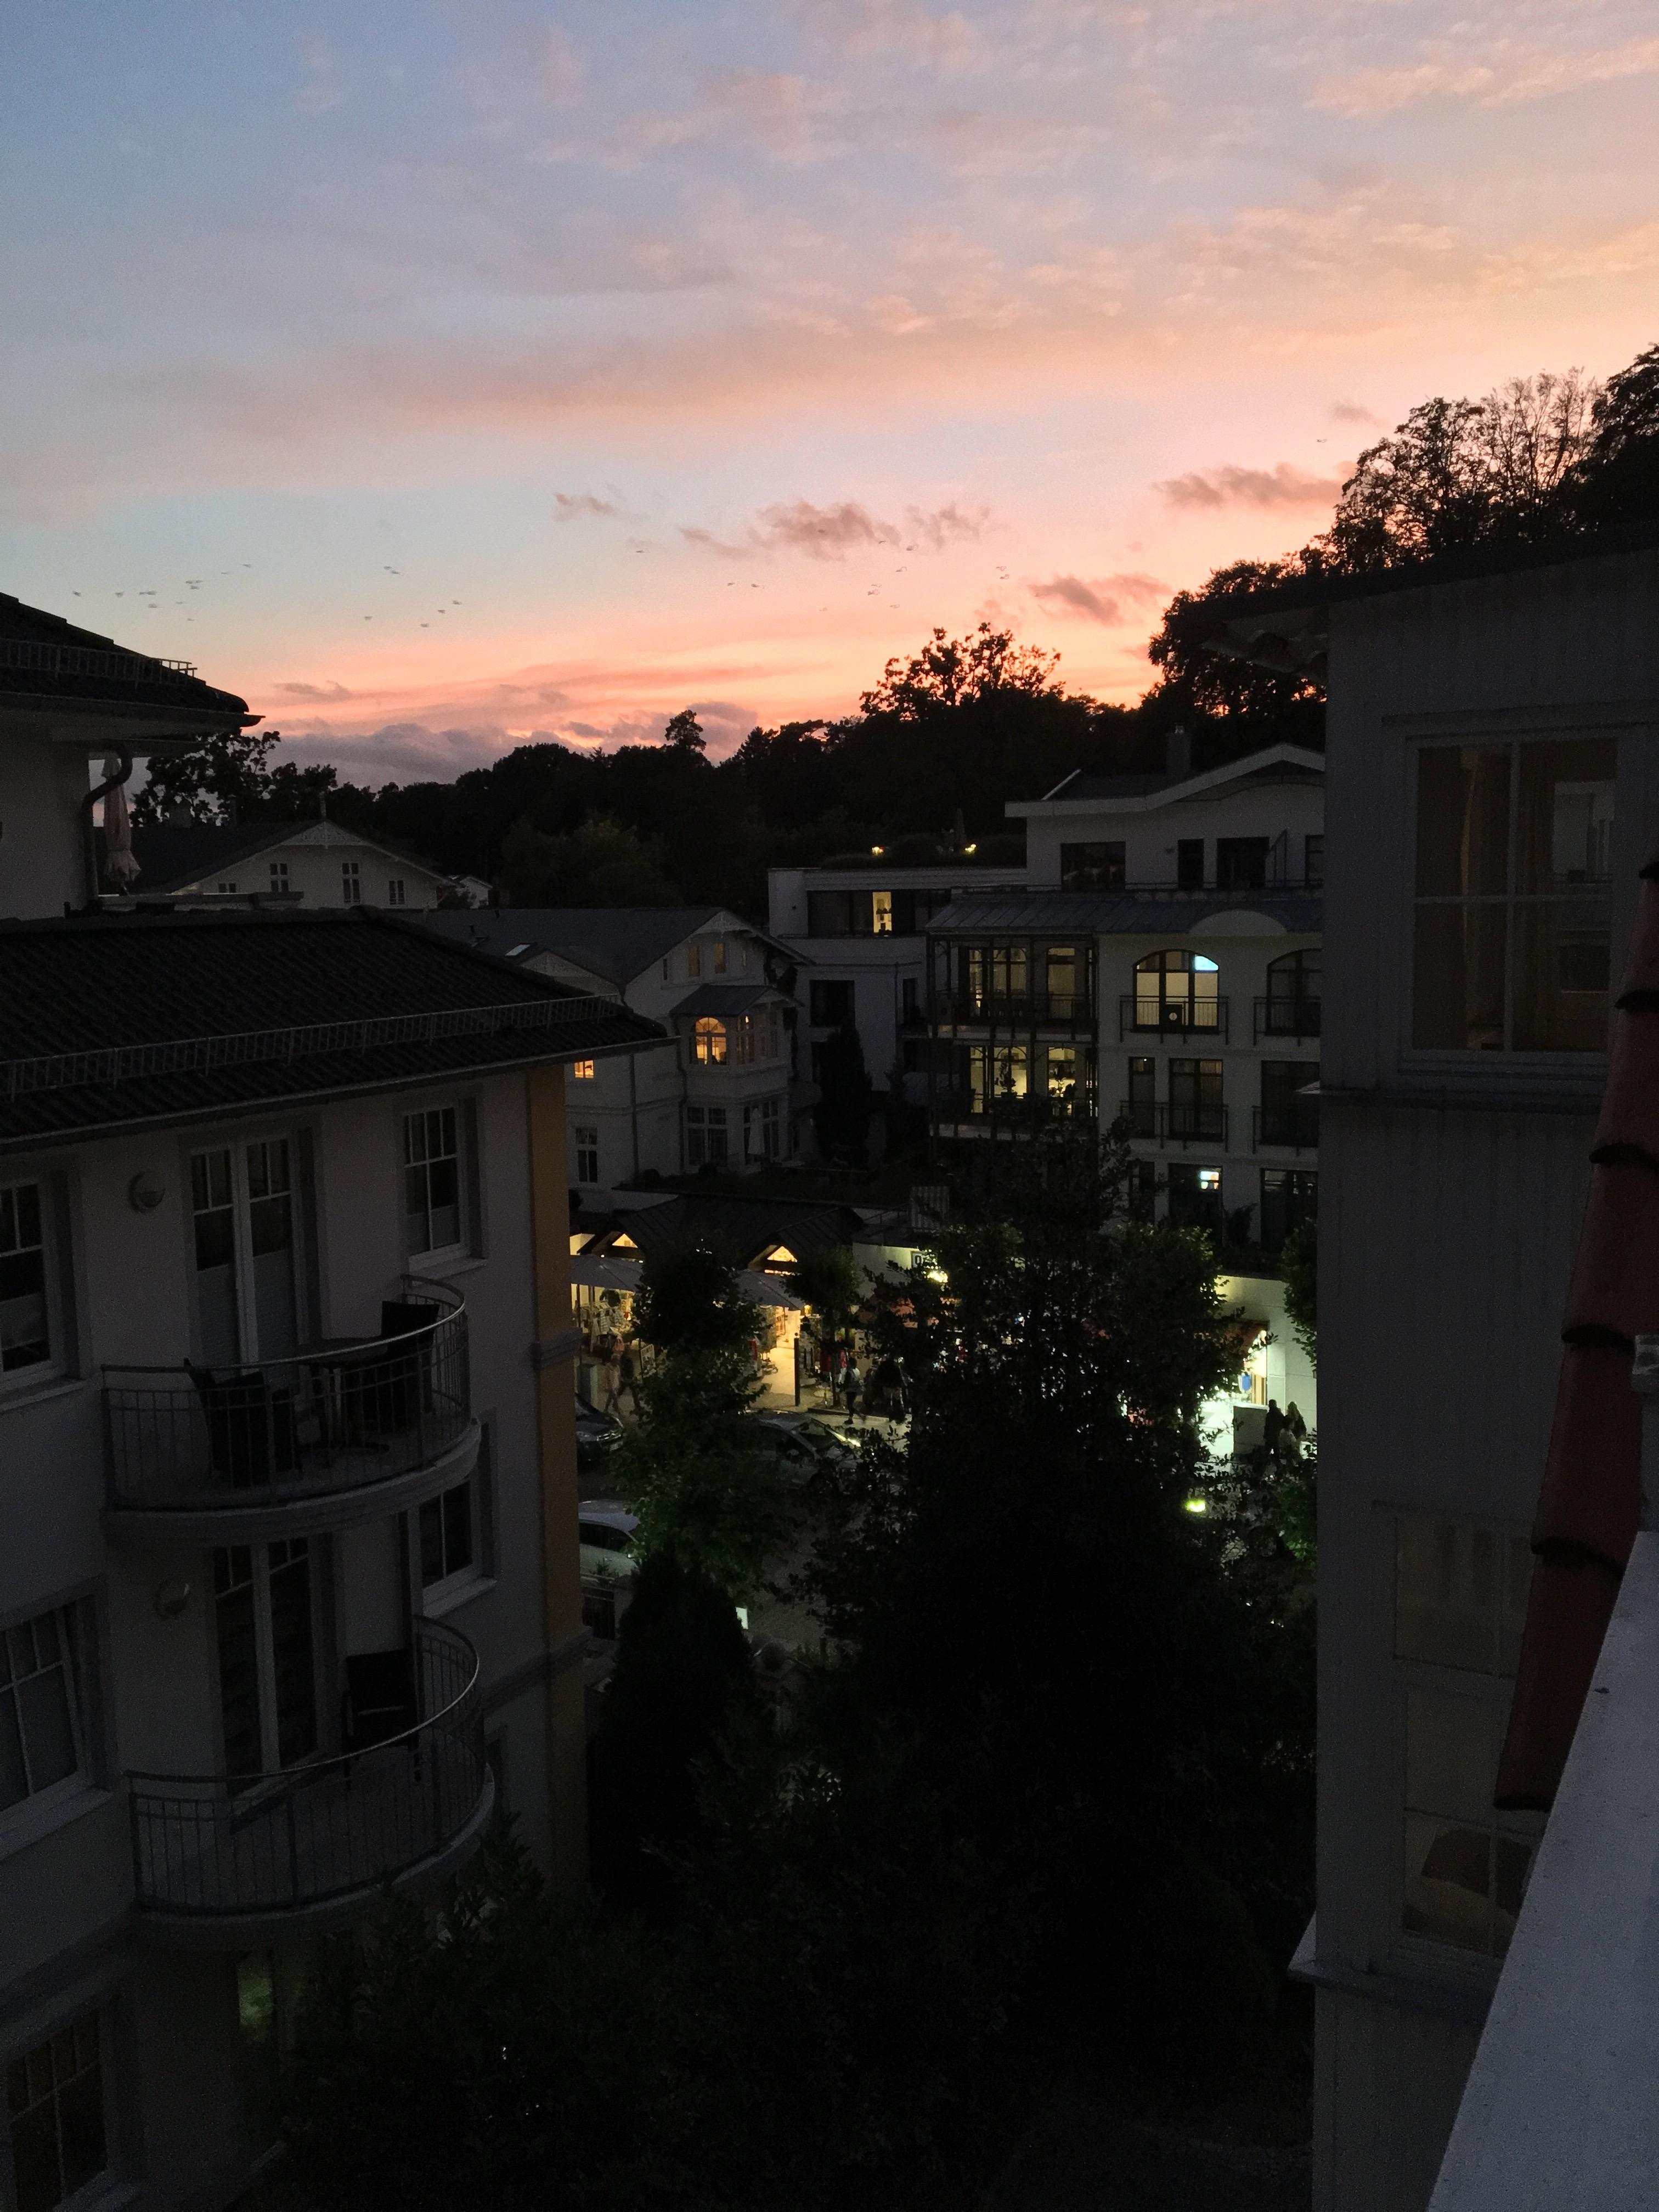 Sonnenuntergang in Sellin